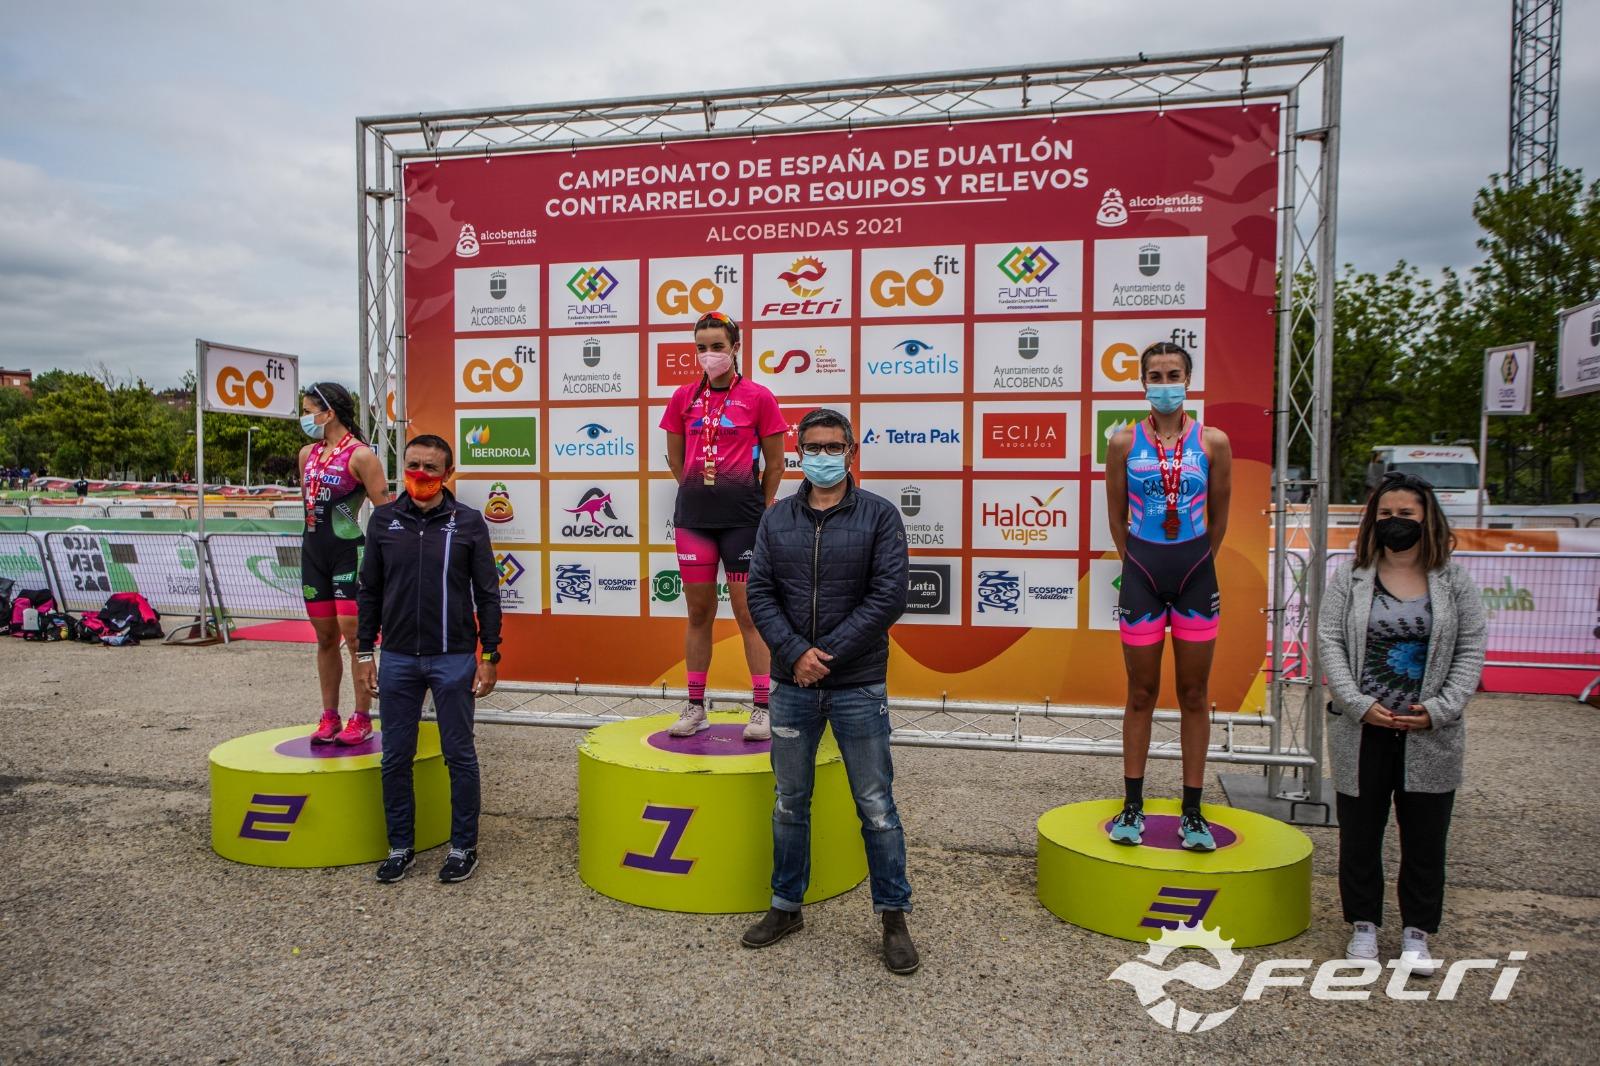 Cidade de Lugo Fluvial y Saltoki Trikideak ganan el Campeonato de España de Duatlón CRE élite en Alcobendas